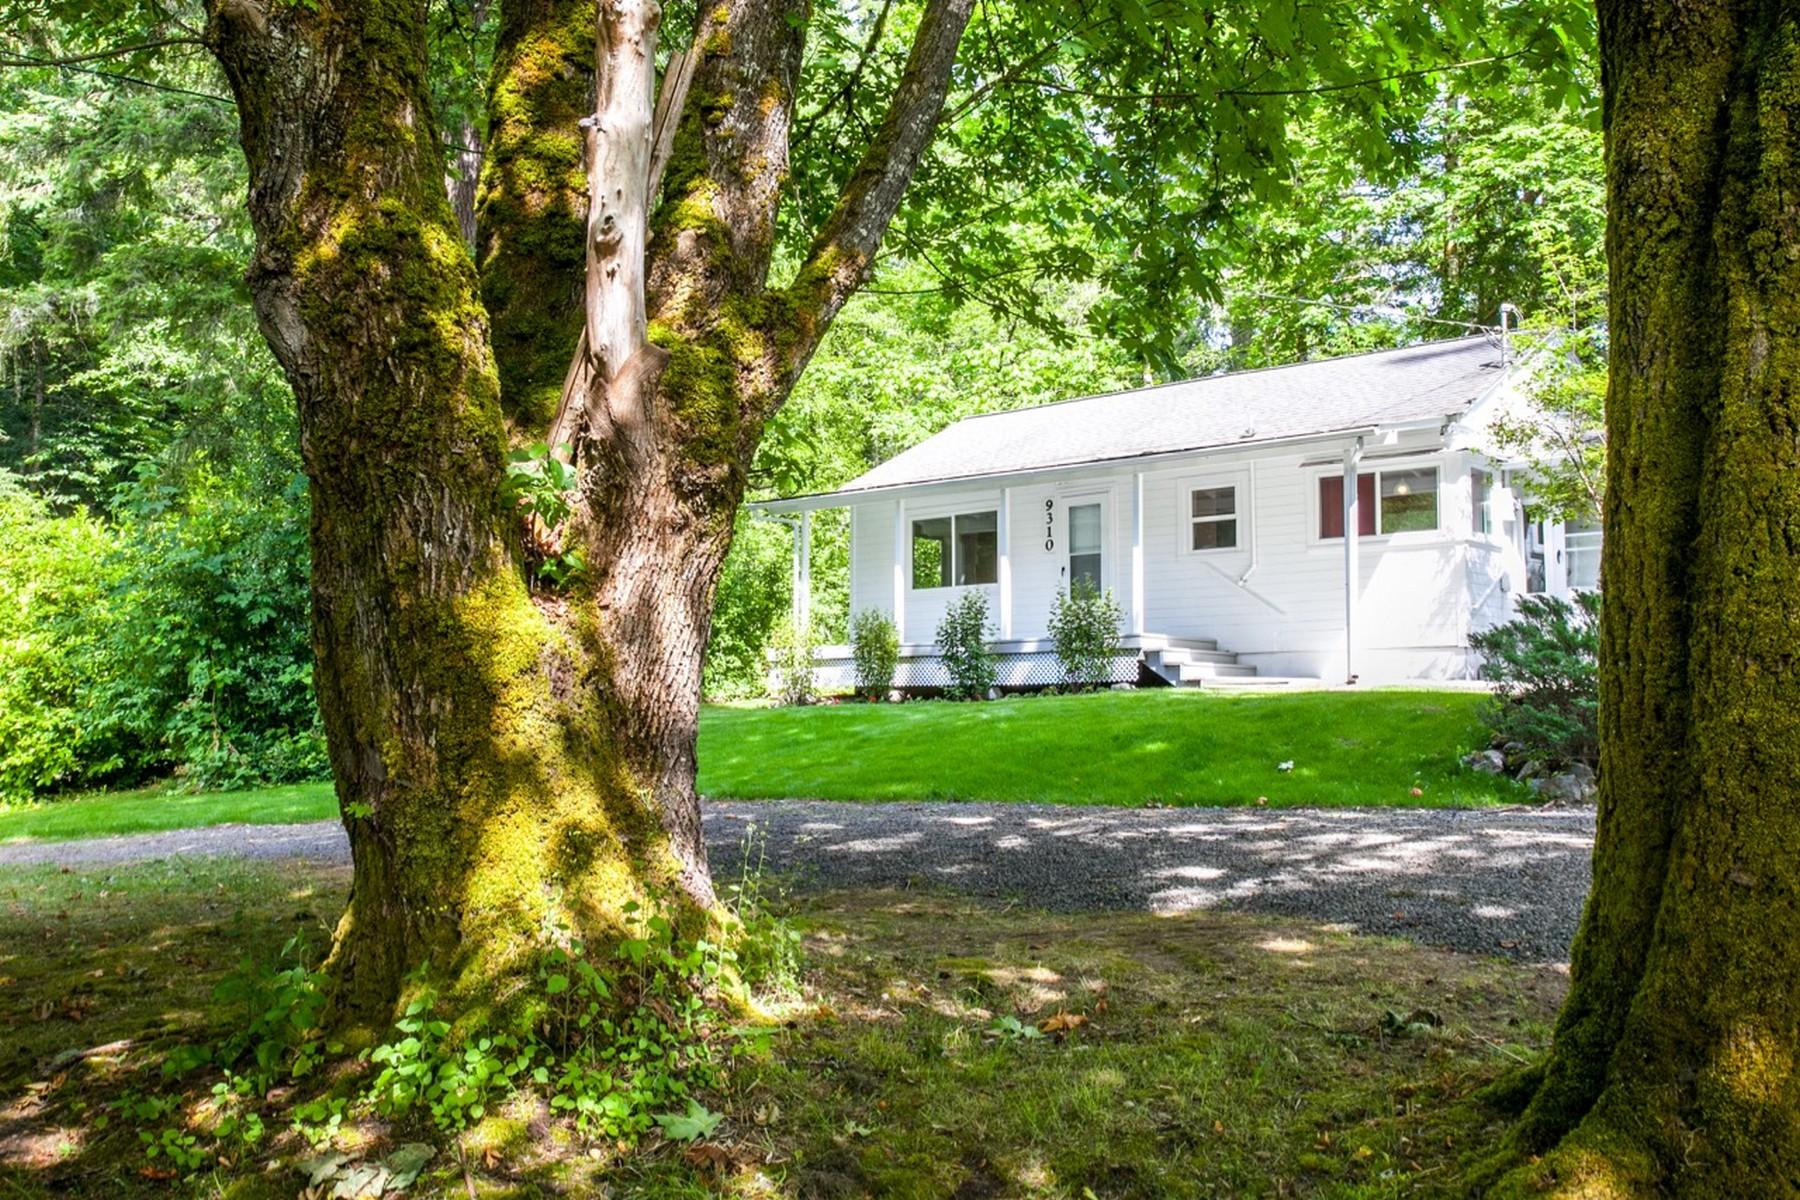 独户住宅 为 销售 在 One Level on Bainbridge Island 9310 Miller Rd NE 班布里奇岛, 华盛顿州, 98110 美国